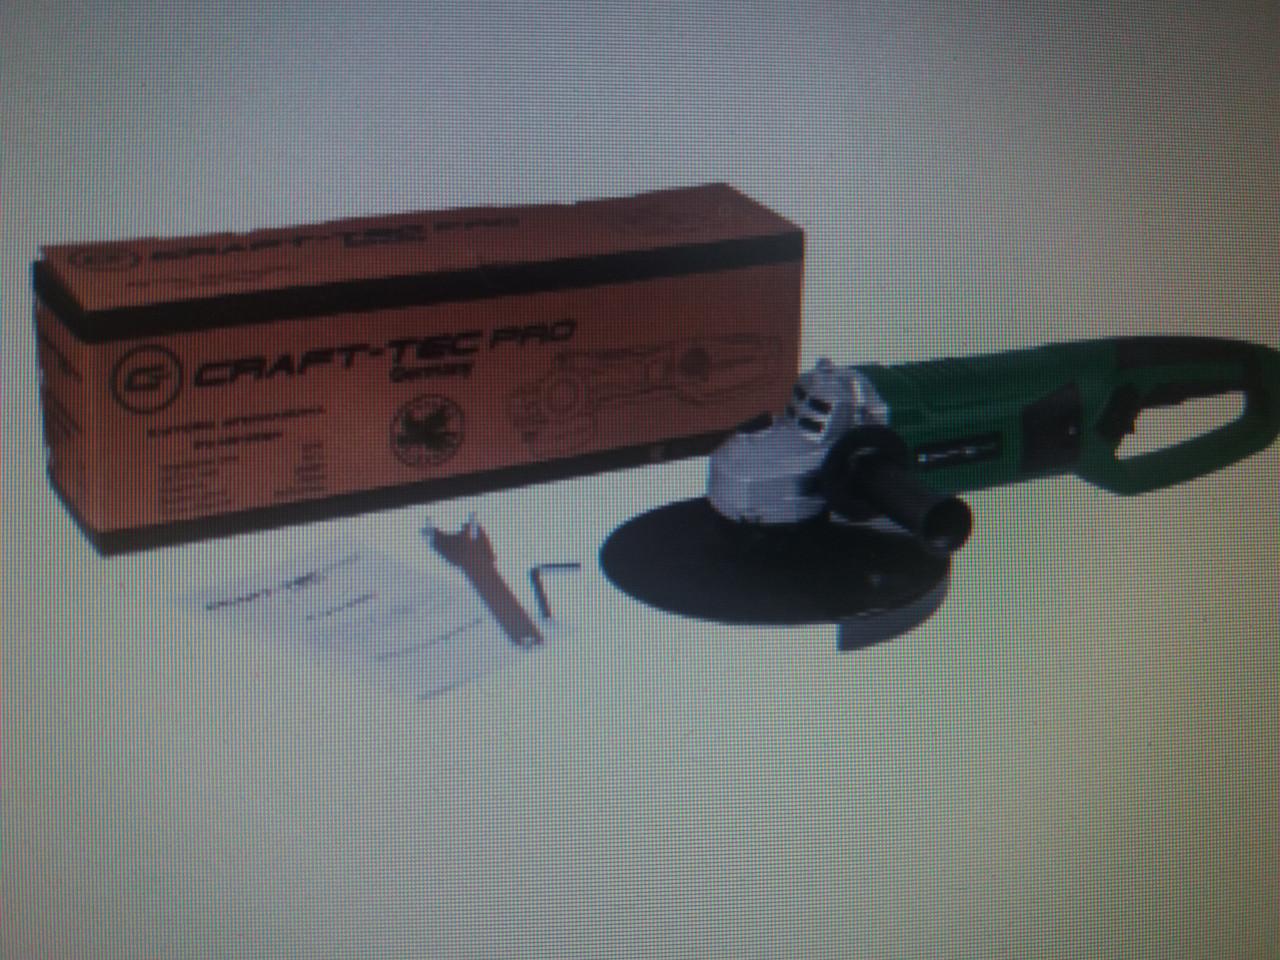 Болгарка Craft-tec PXAG-228A (230/2600 Вт, плавный пуск)